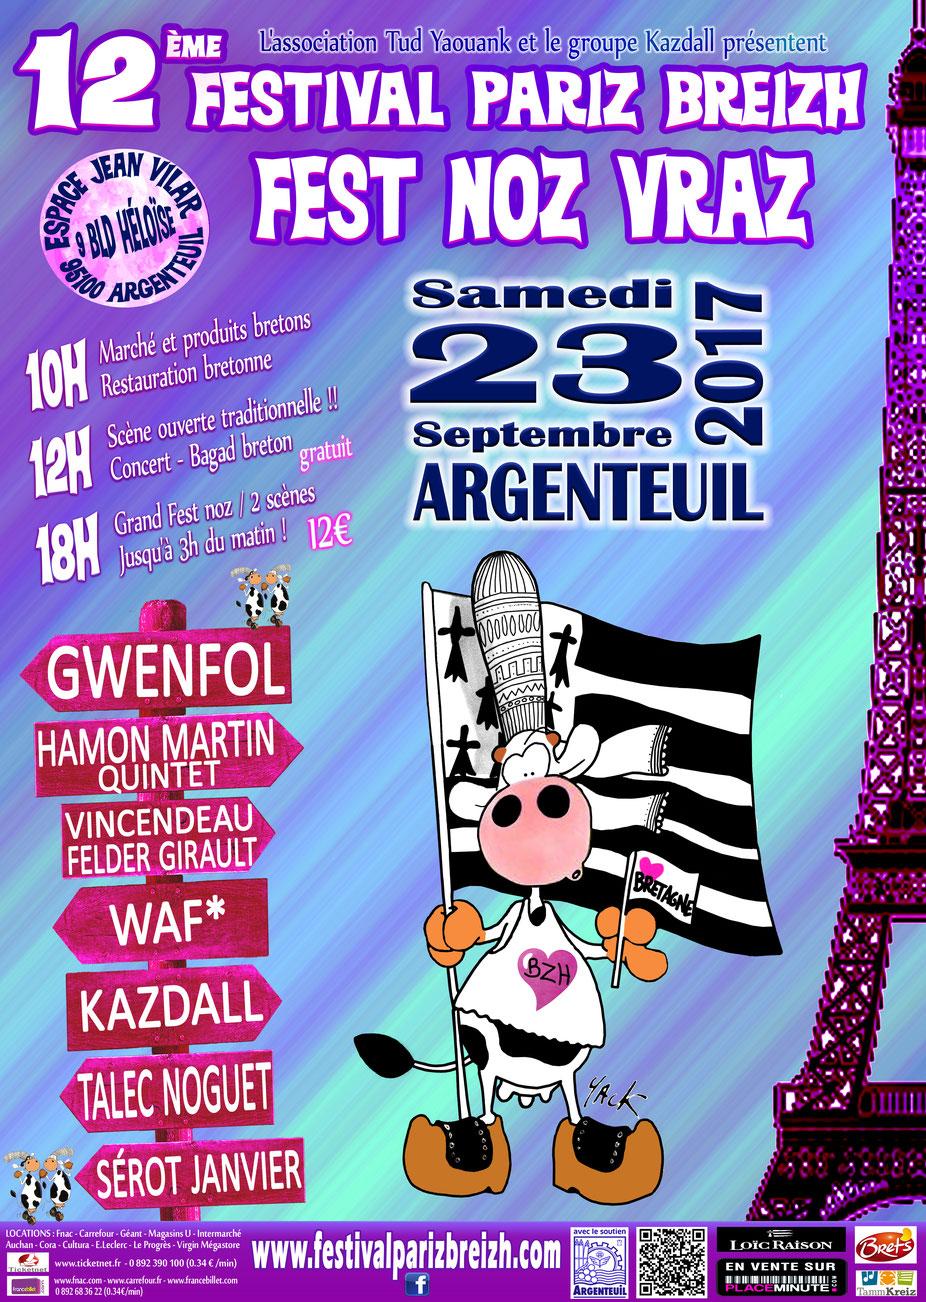 Affiche Fest-noz 12e festival Pariz Breizh à Argenteuil